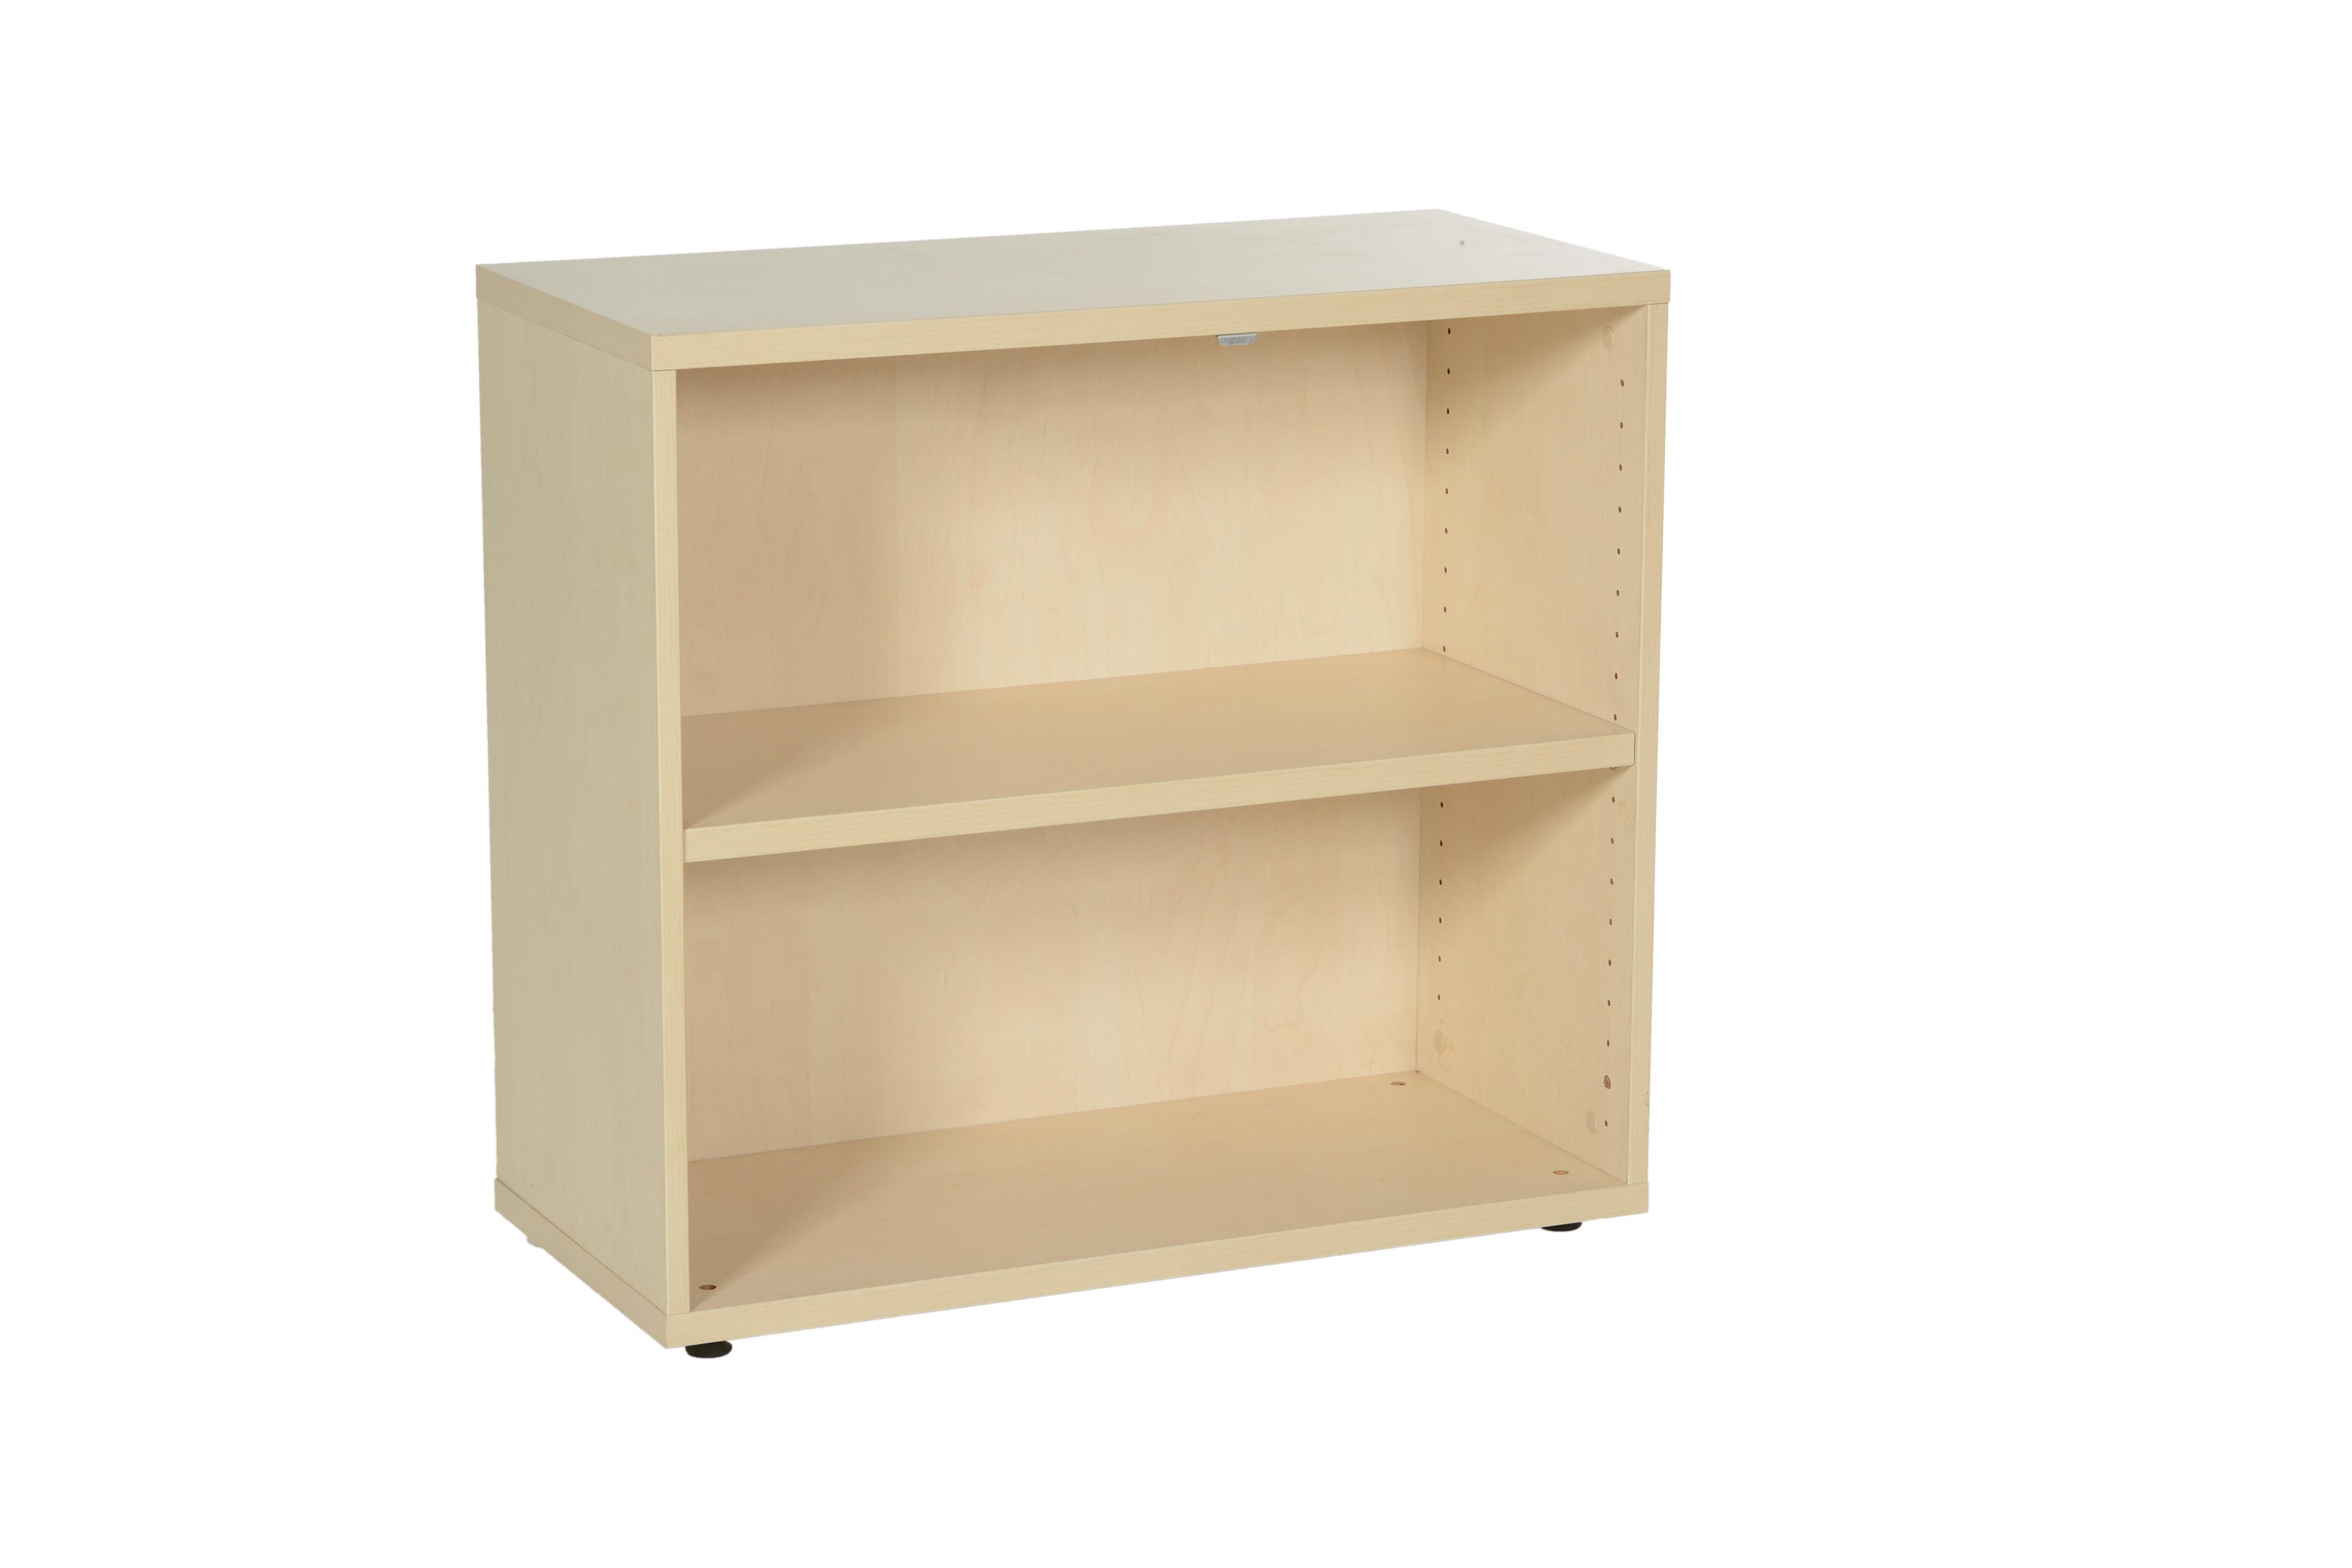 Armadio di legno per ufficio archiviazione Image